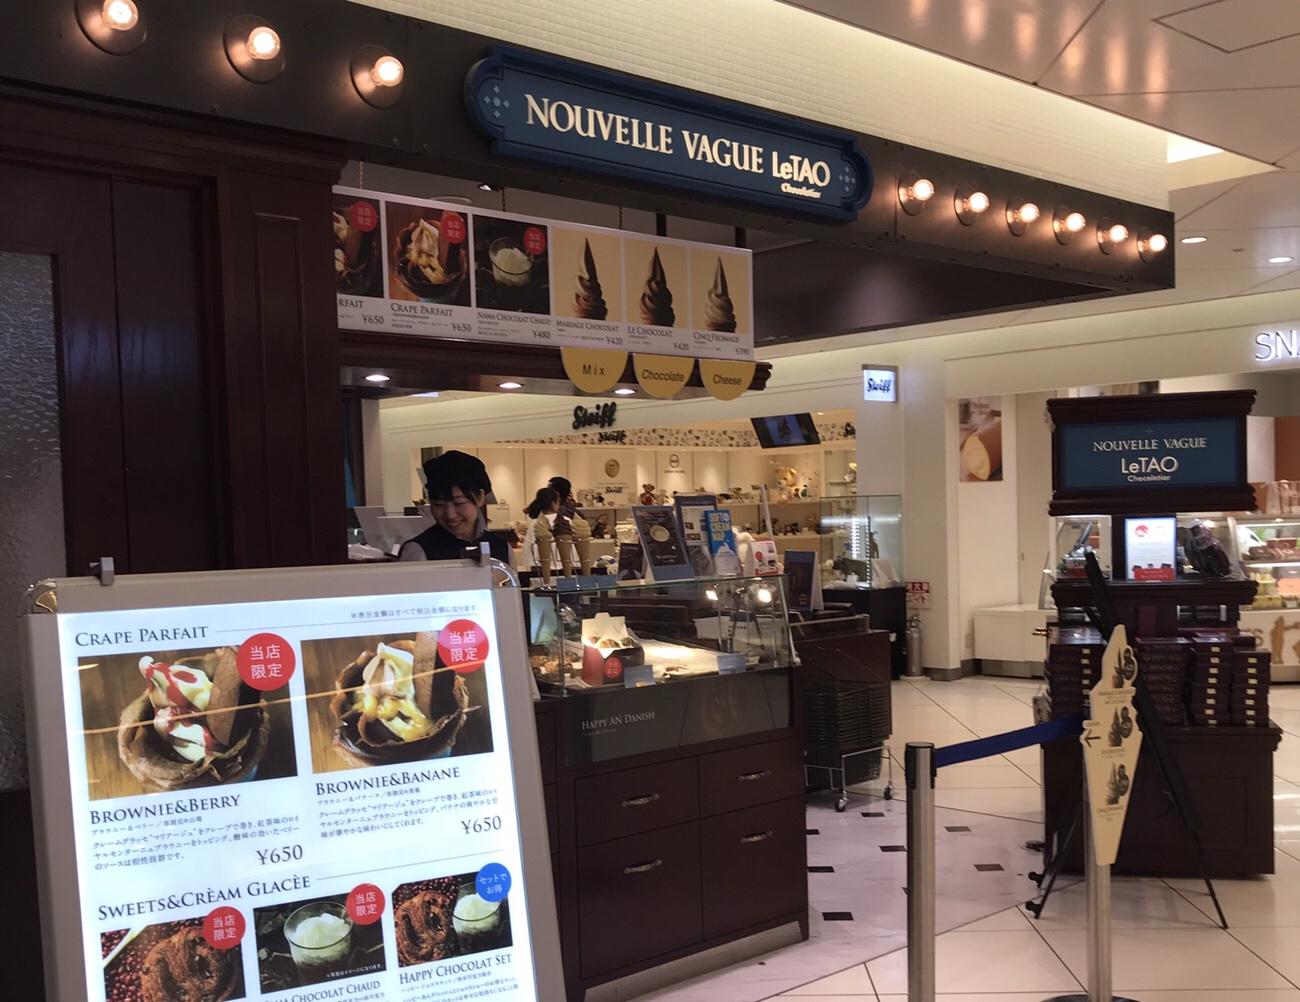 ヌーベルバーグ ルタオ ショコラティエ 新千歳空港ルタオチョコとソフトクリーム